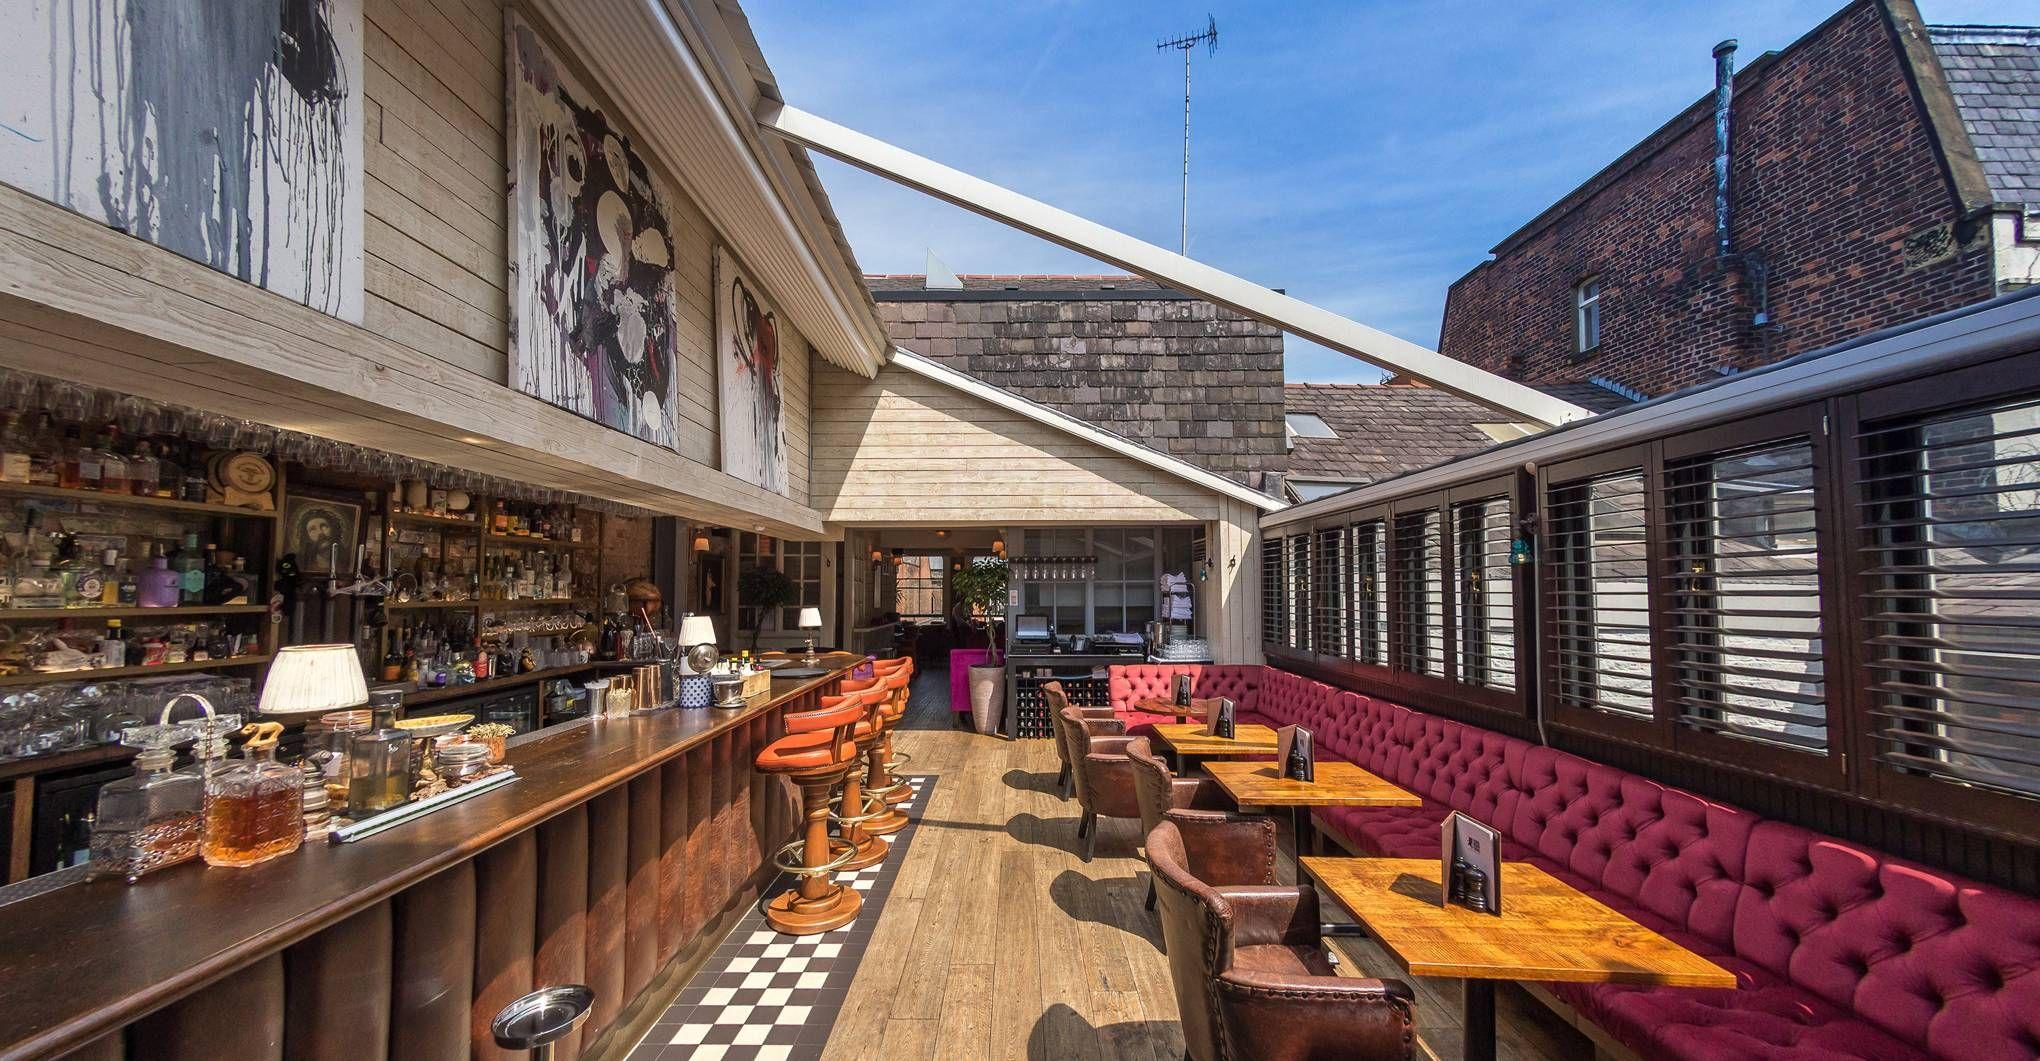 The 13 best secret bars in Manchester | Secret bar ...